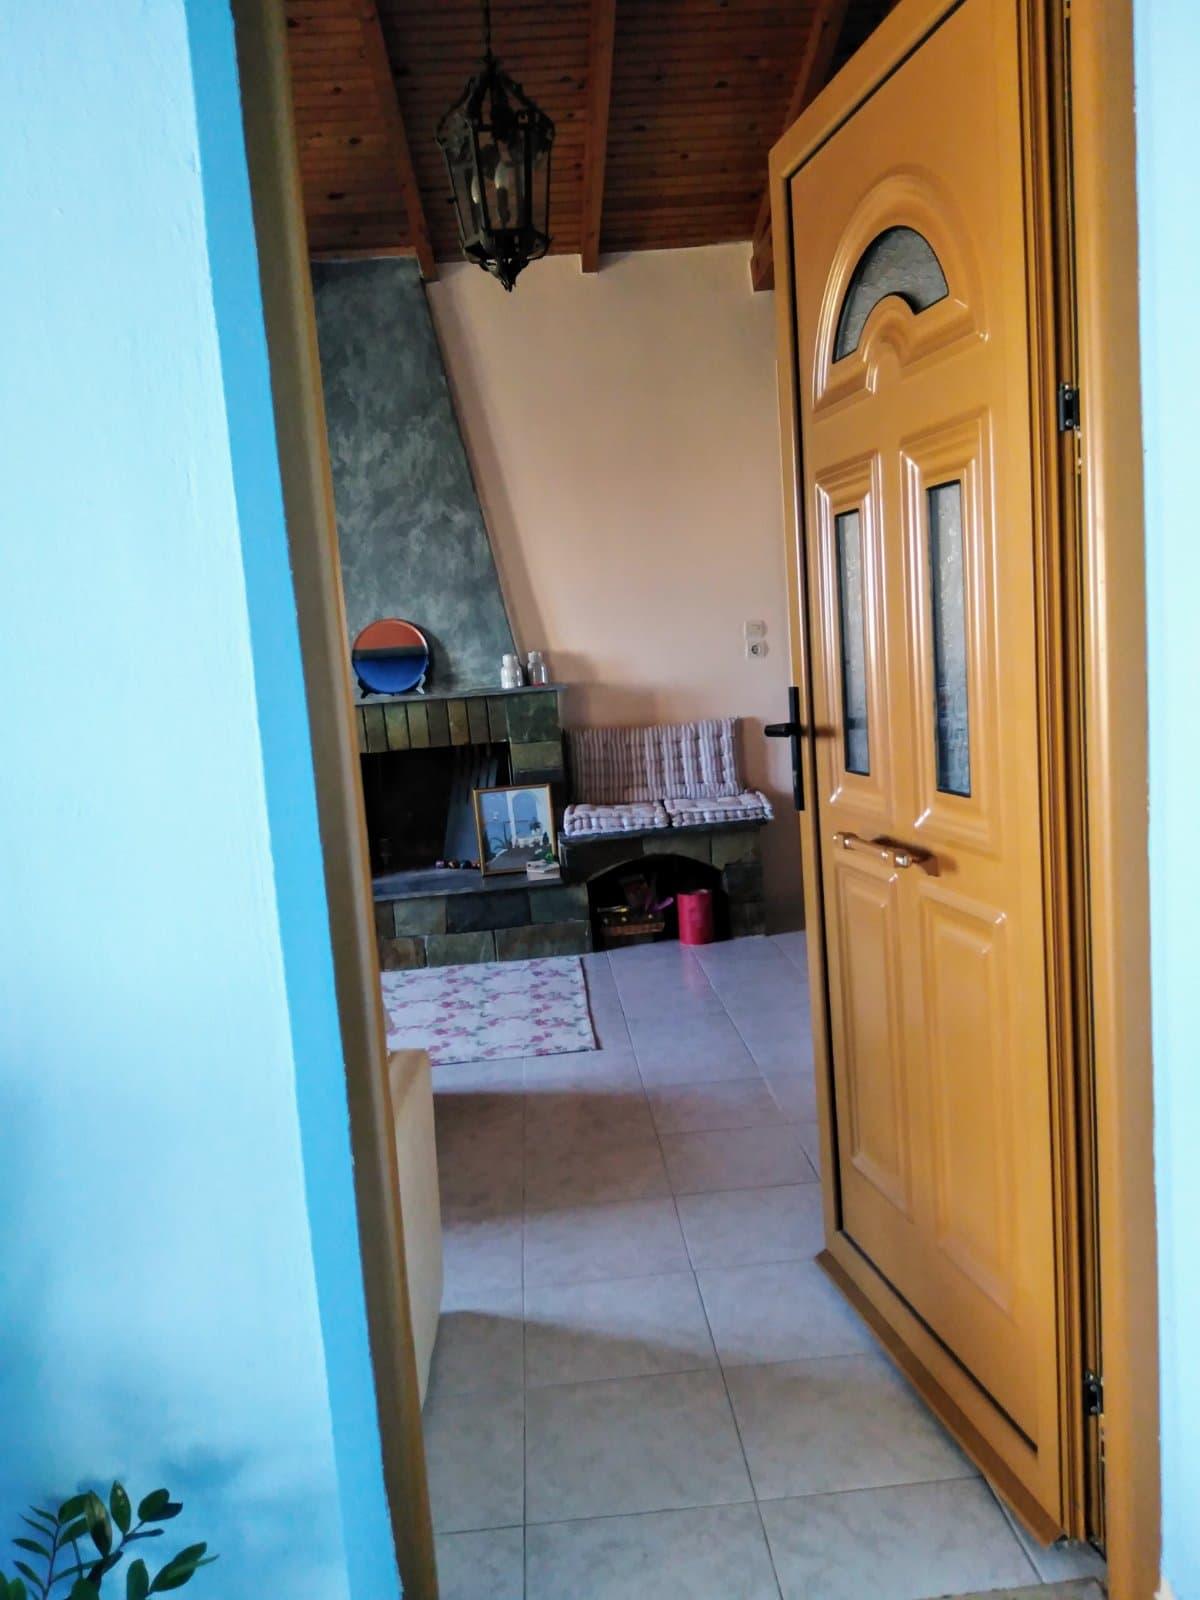 Μονοκατοικία προς πώληση στη Νεάπολη Βοιών